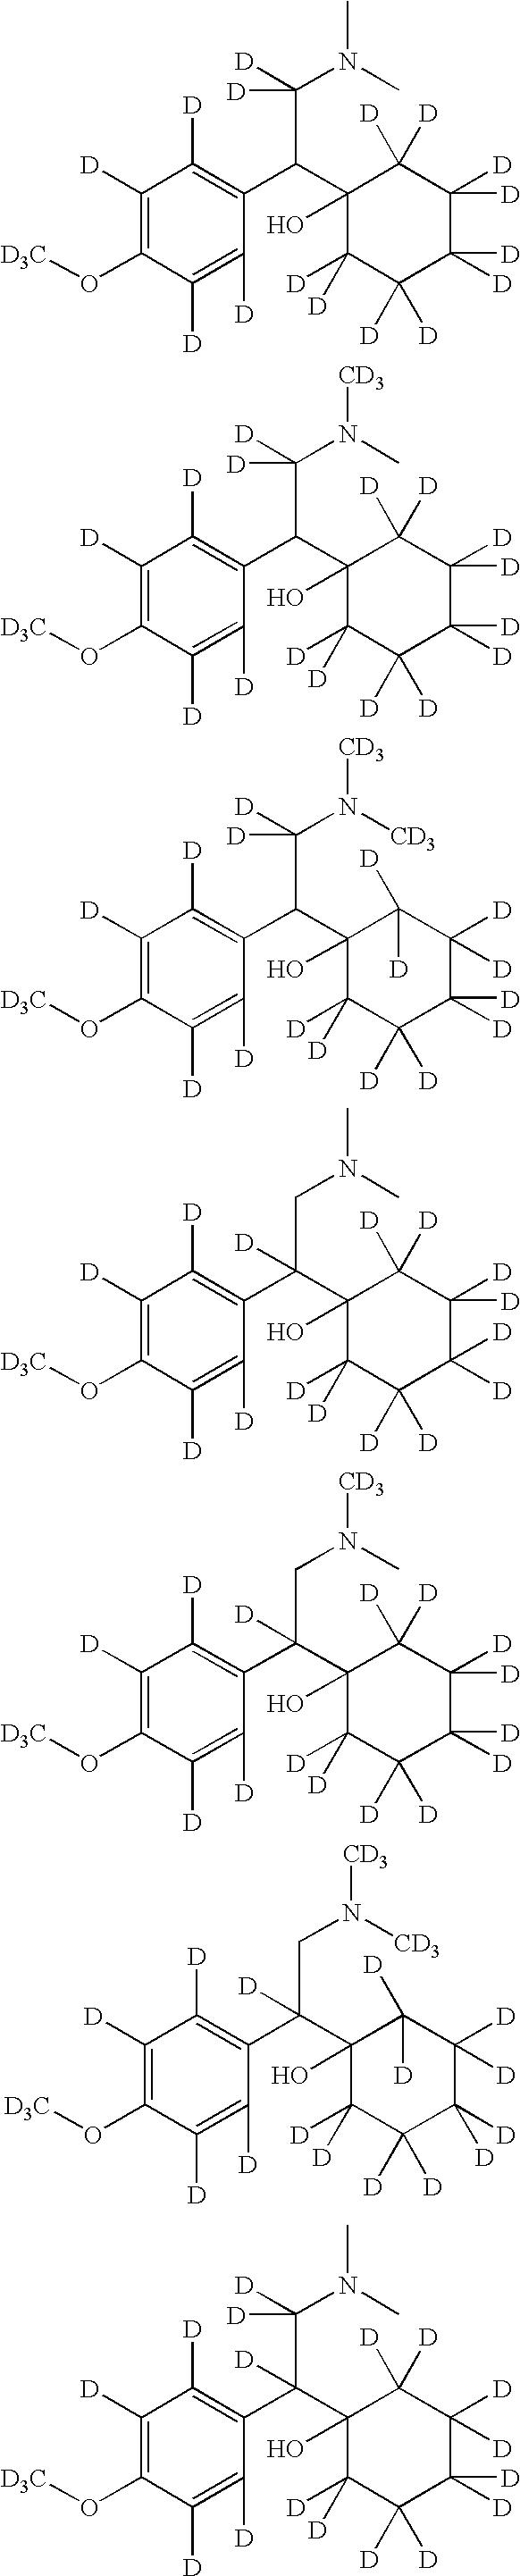 Figure US07456317-20081125-C00017